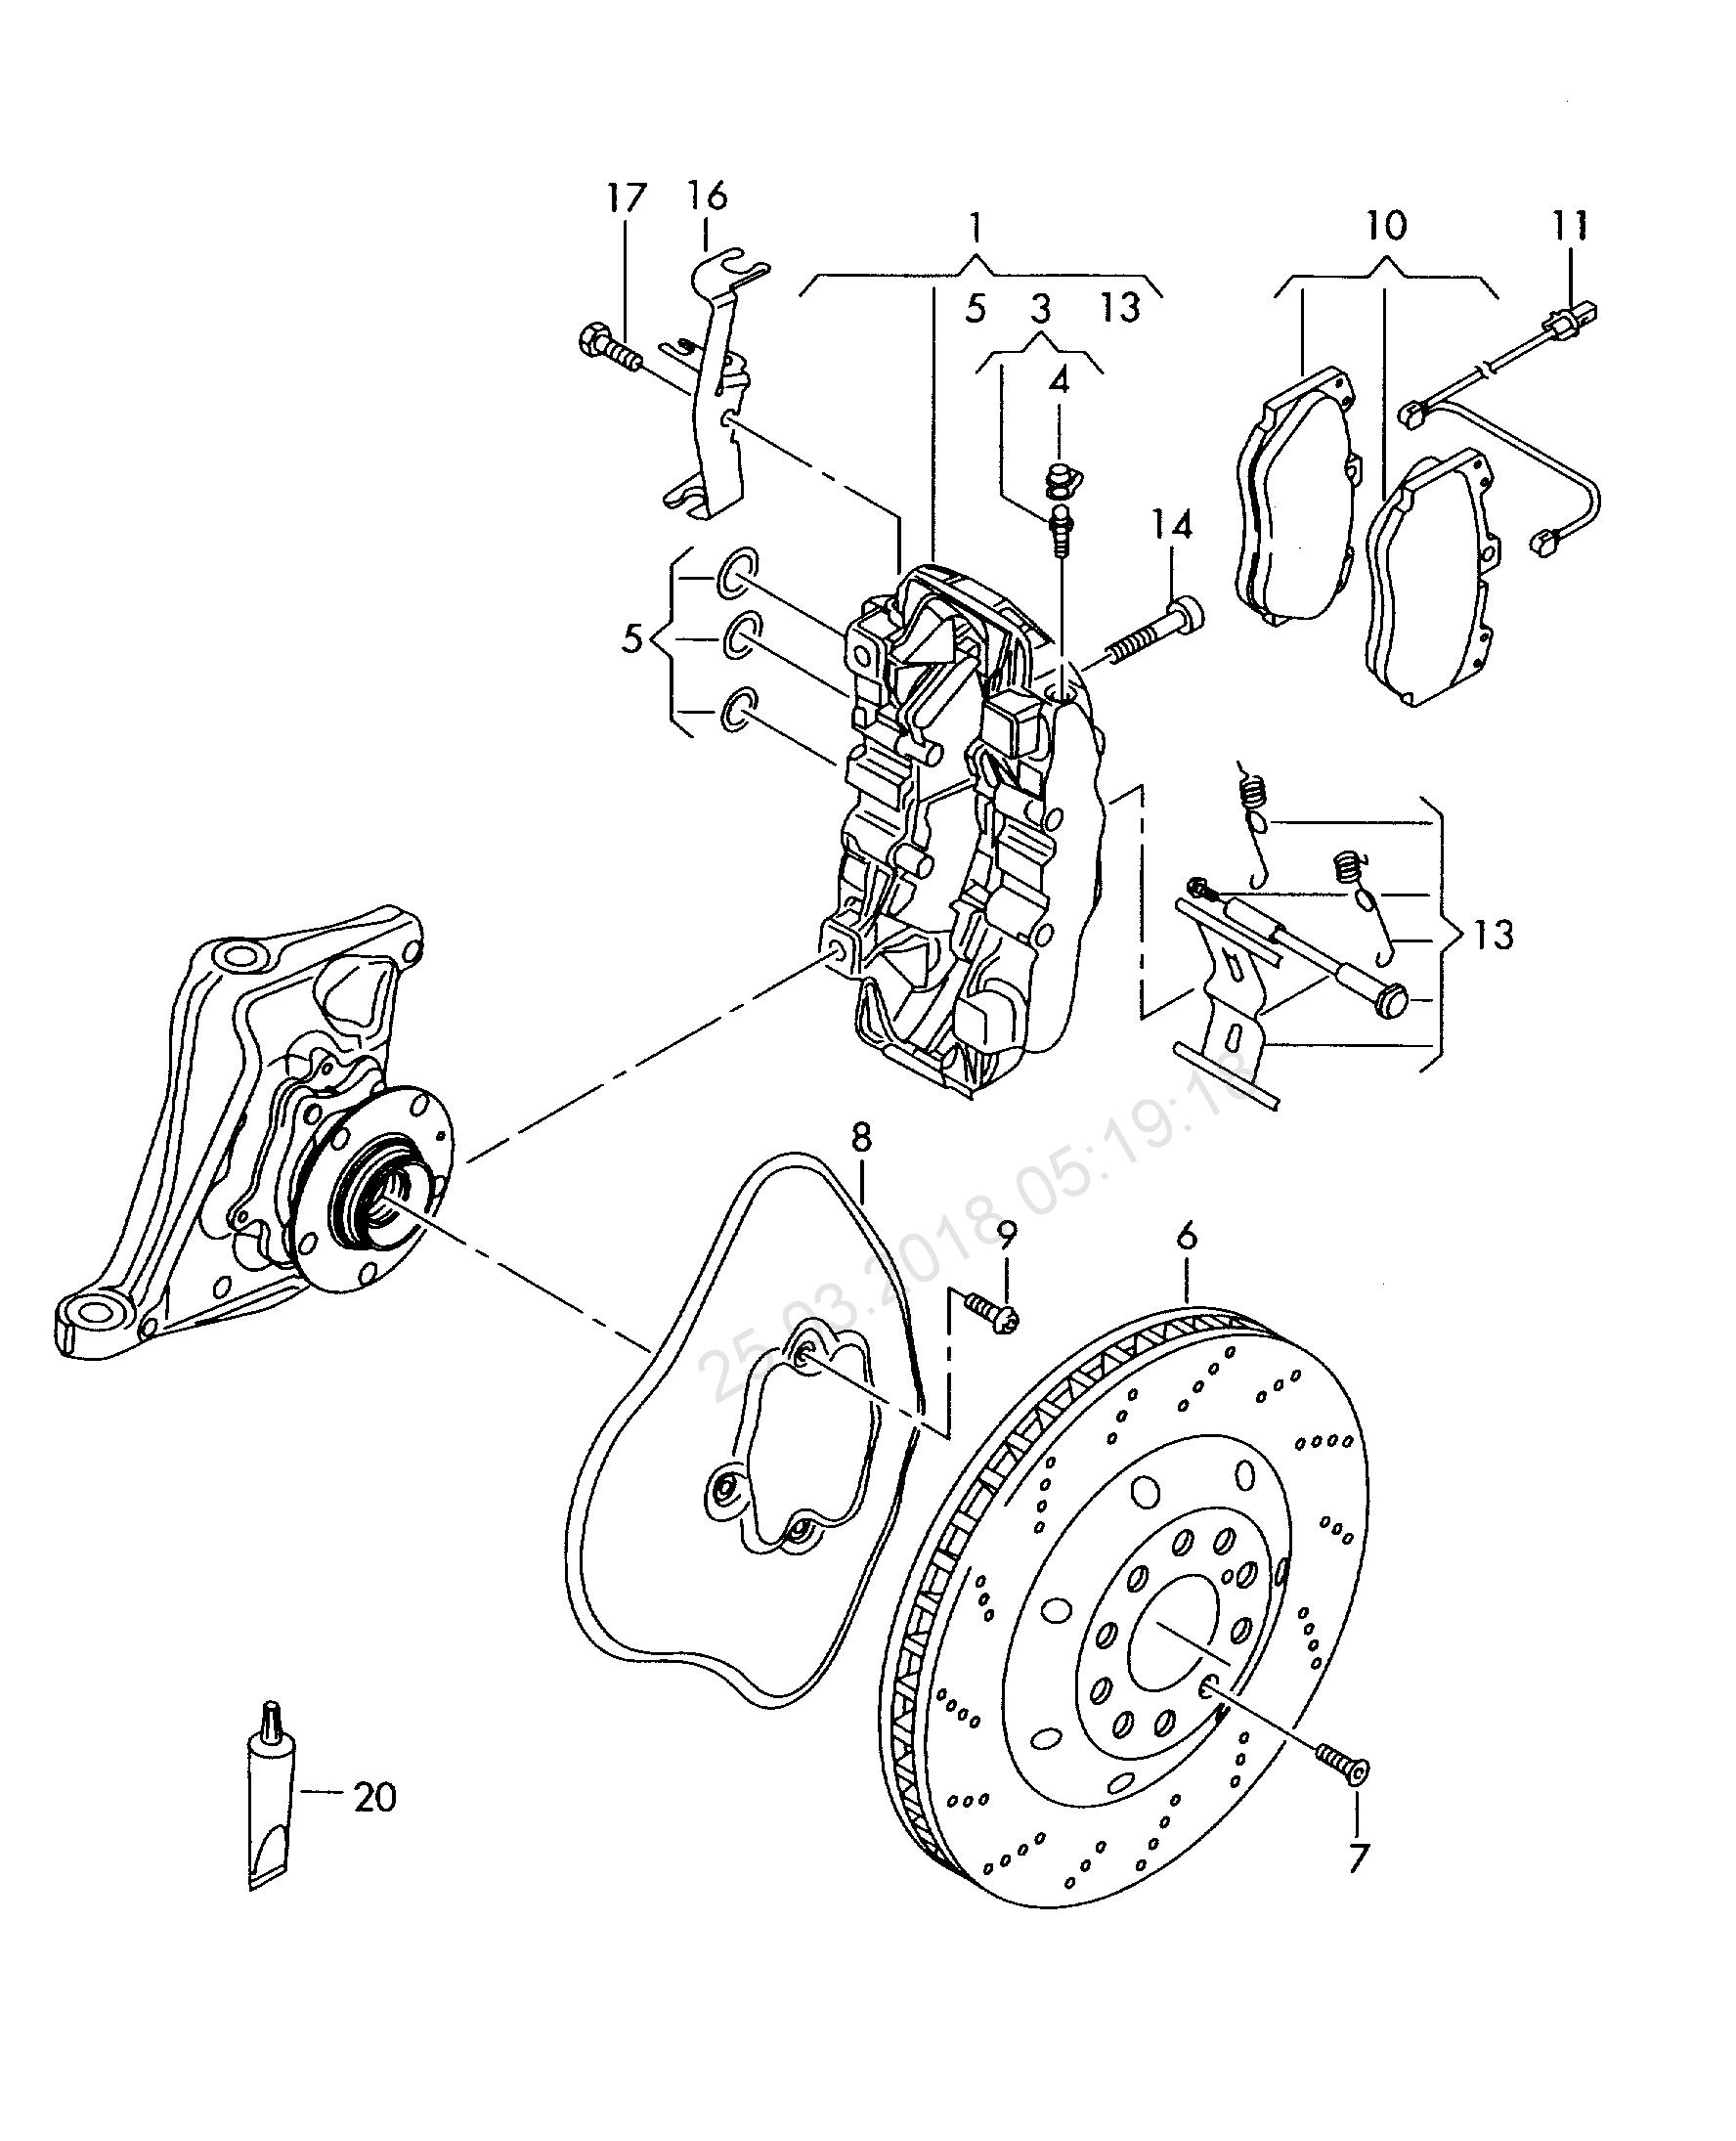 1776x2190 Fixed Calliper Brake Brake Caliper Housing Ceram Audi R8 (R8